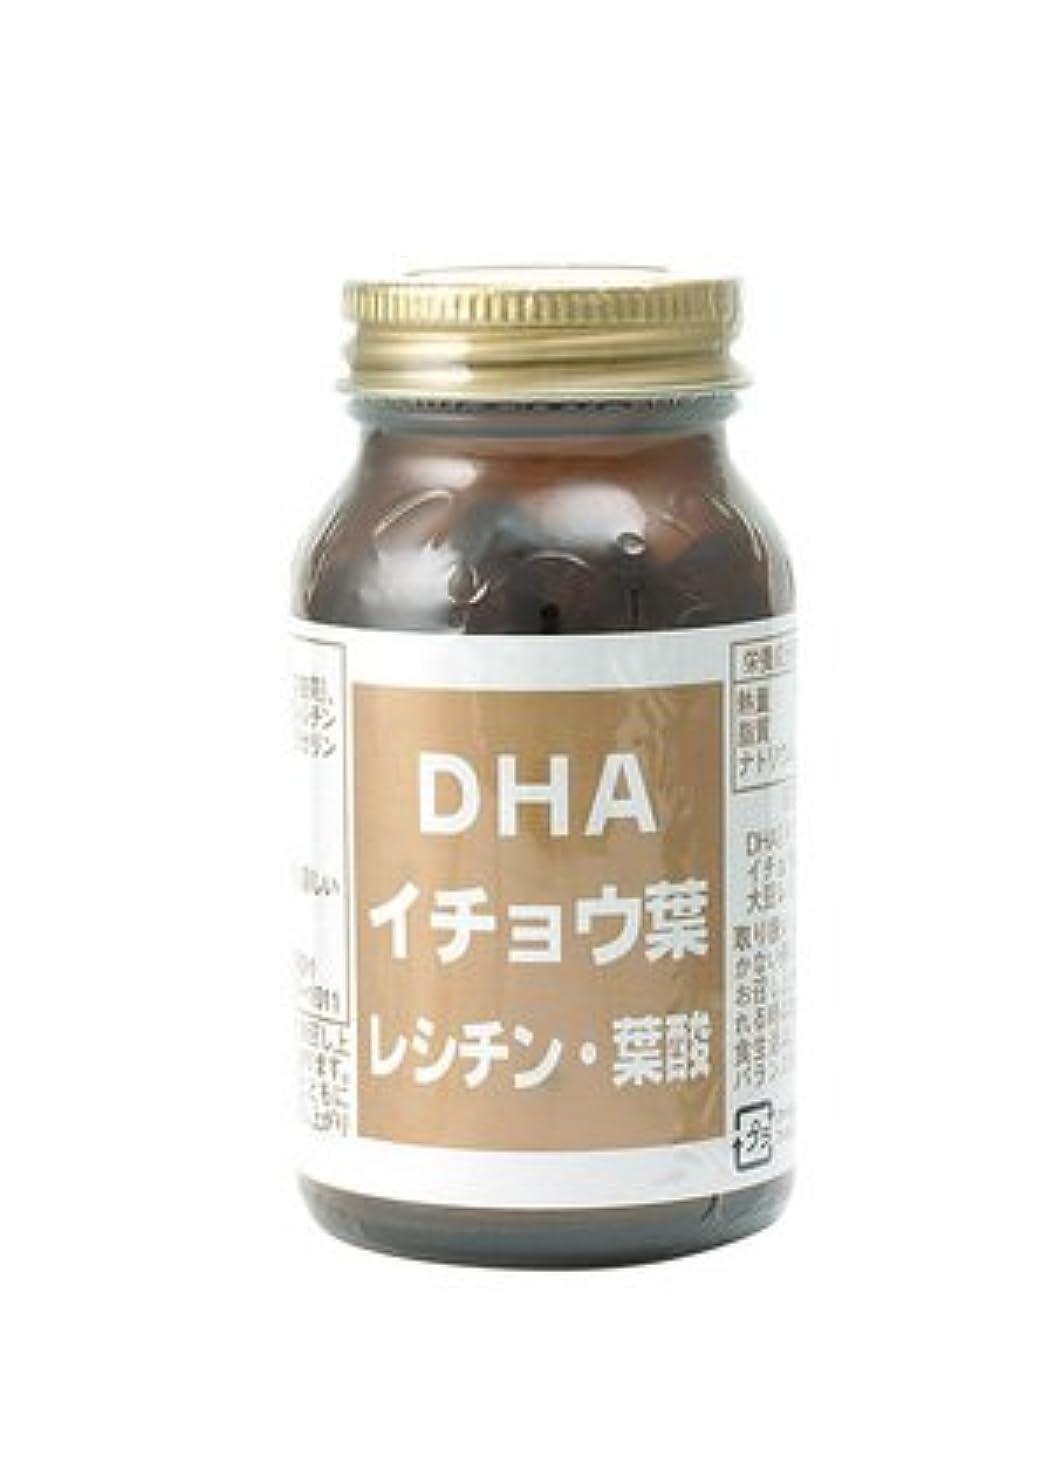 かる寝るアッティカスDHA イチョウ葉 大豆レシチン 葉酸 配合 DHA 56.4g